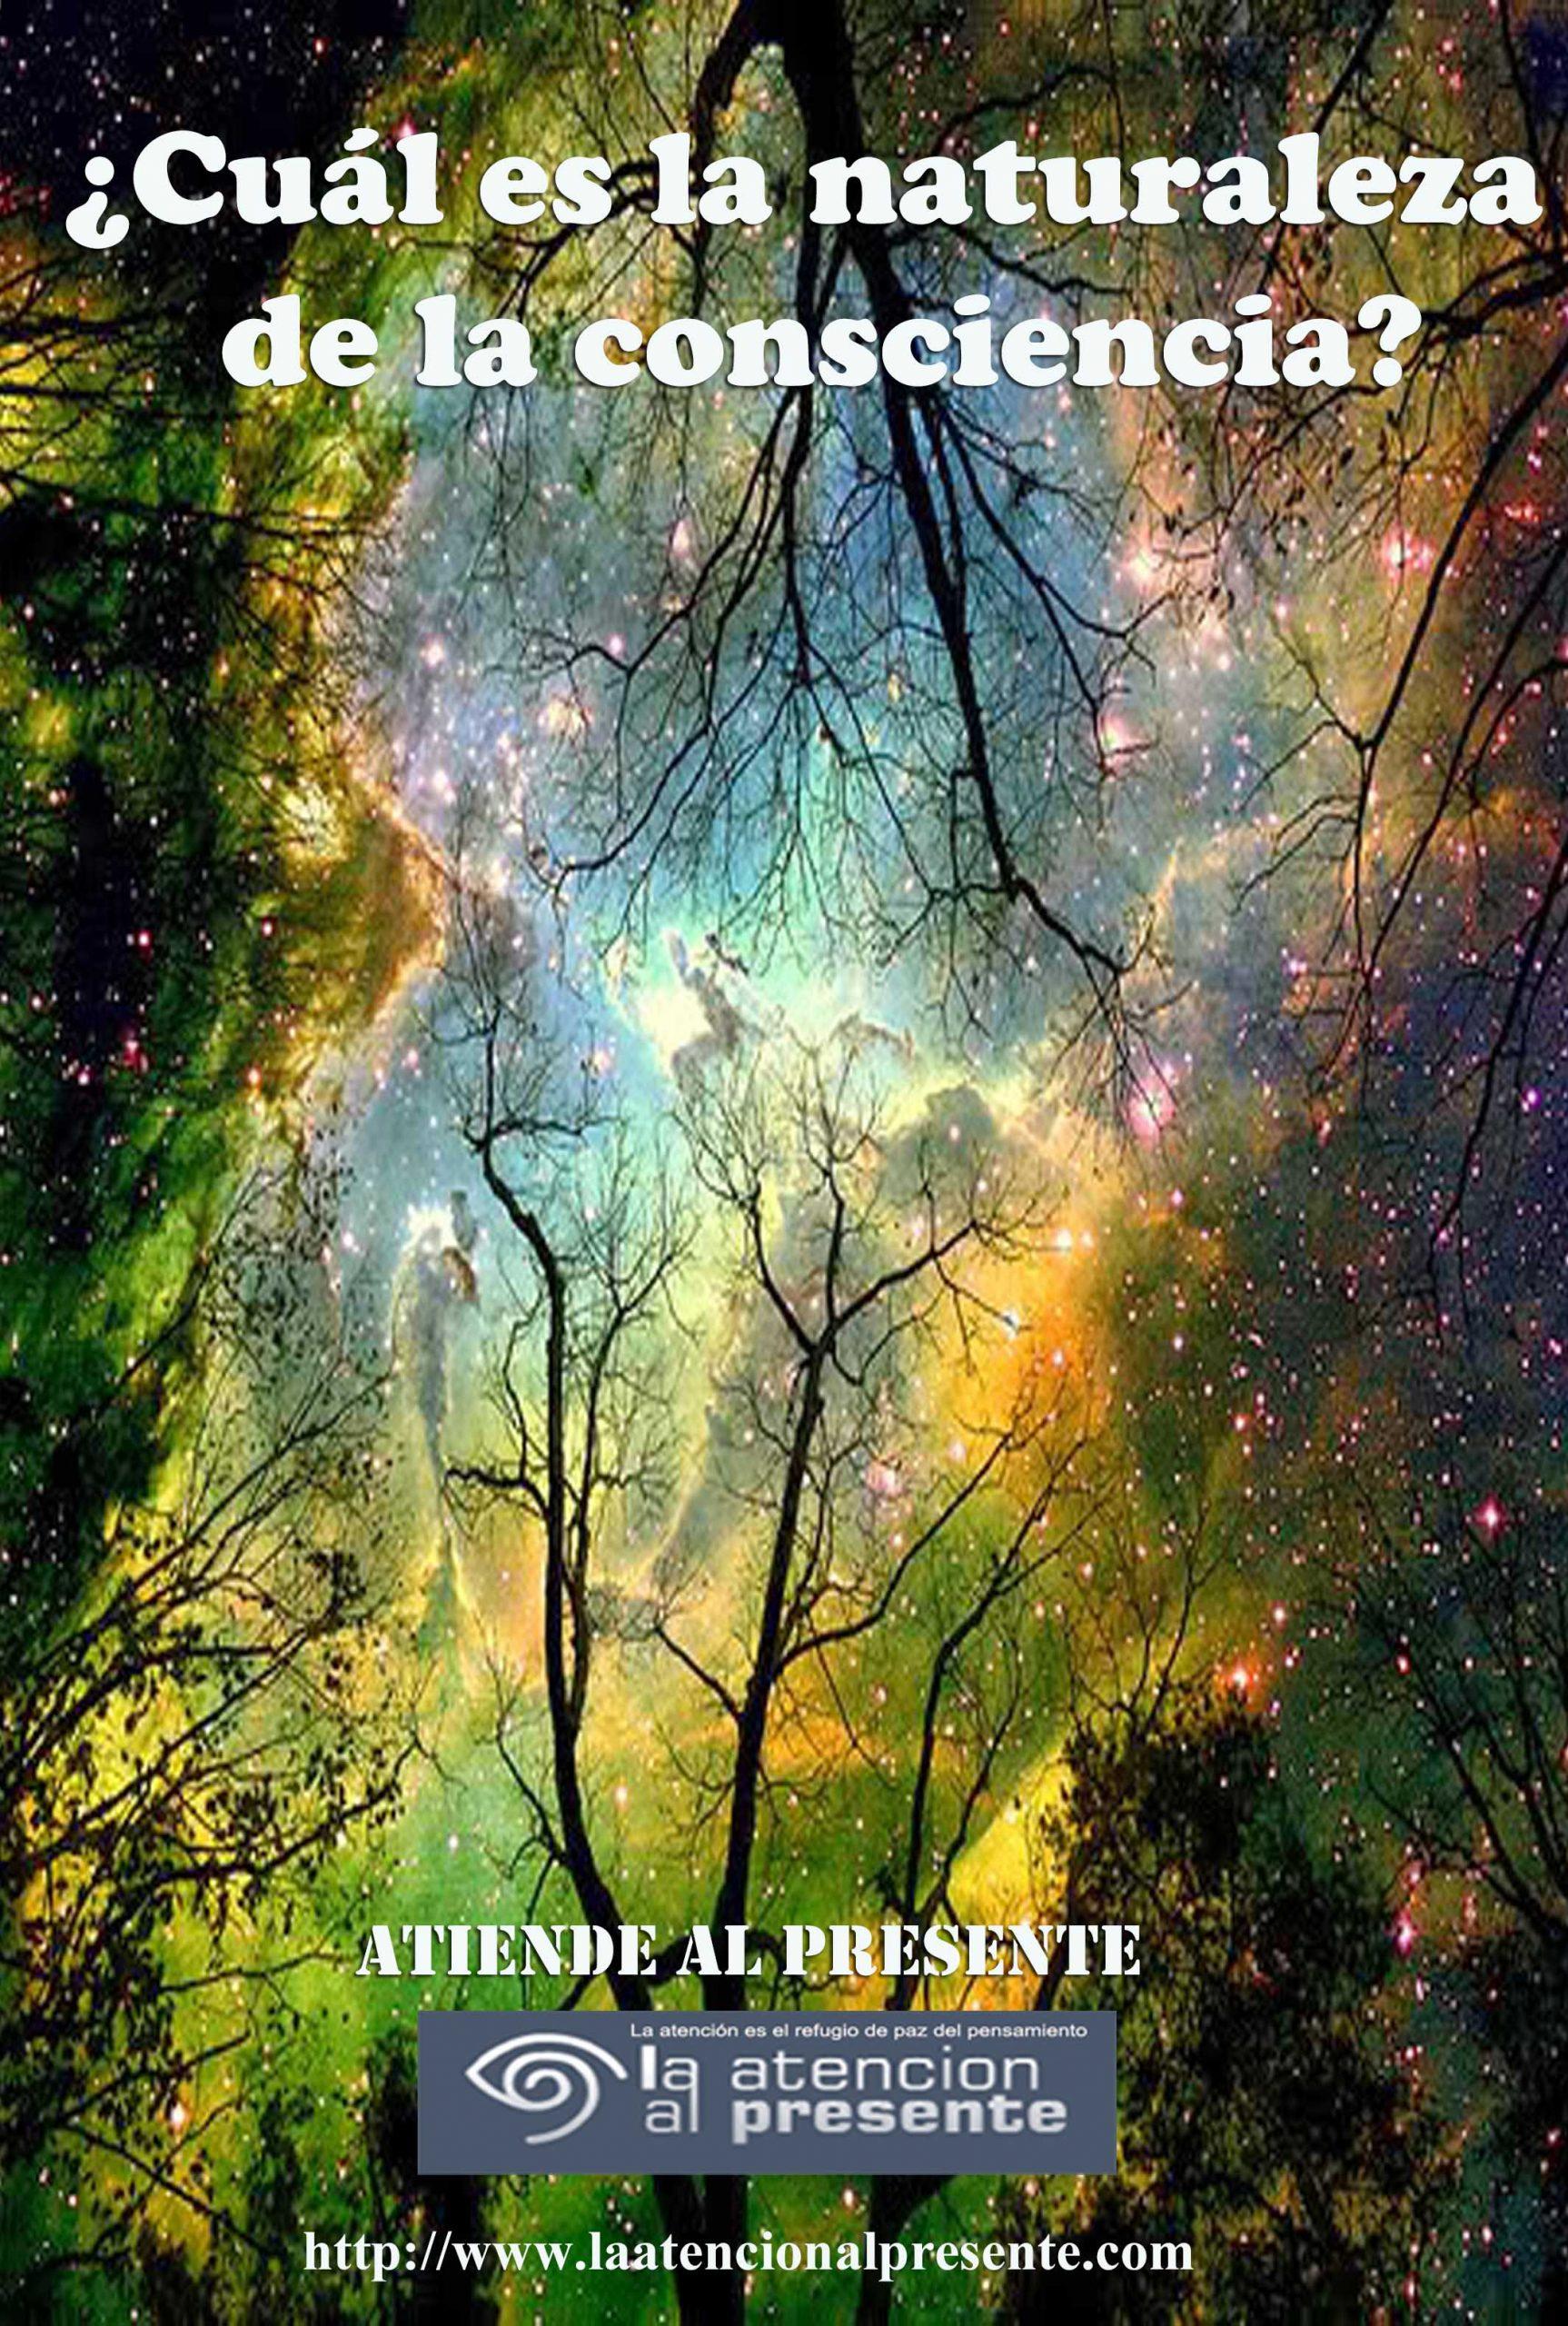 25 de setiemb Esteban Cual es la naturaleza de la consciencia min scaled